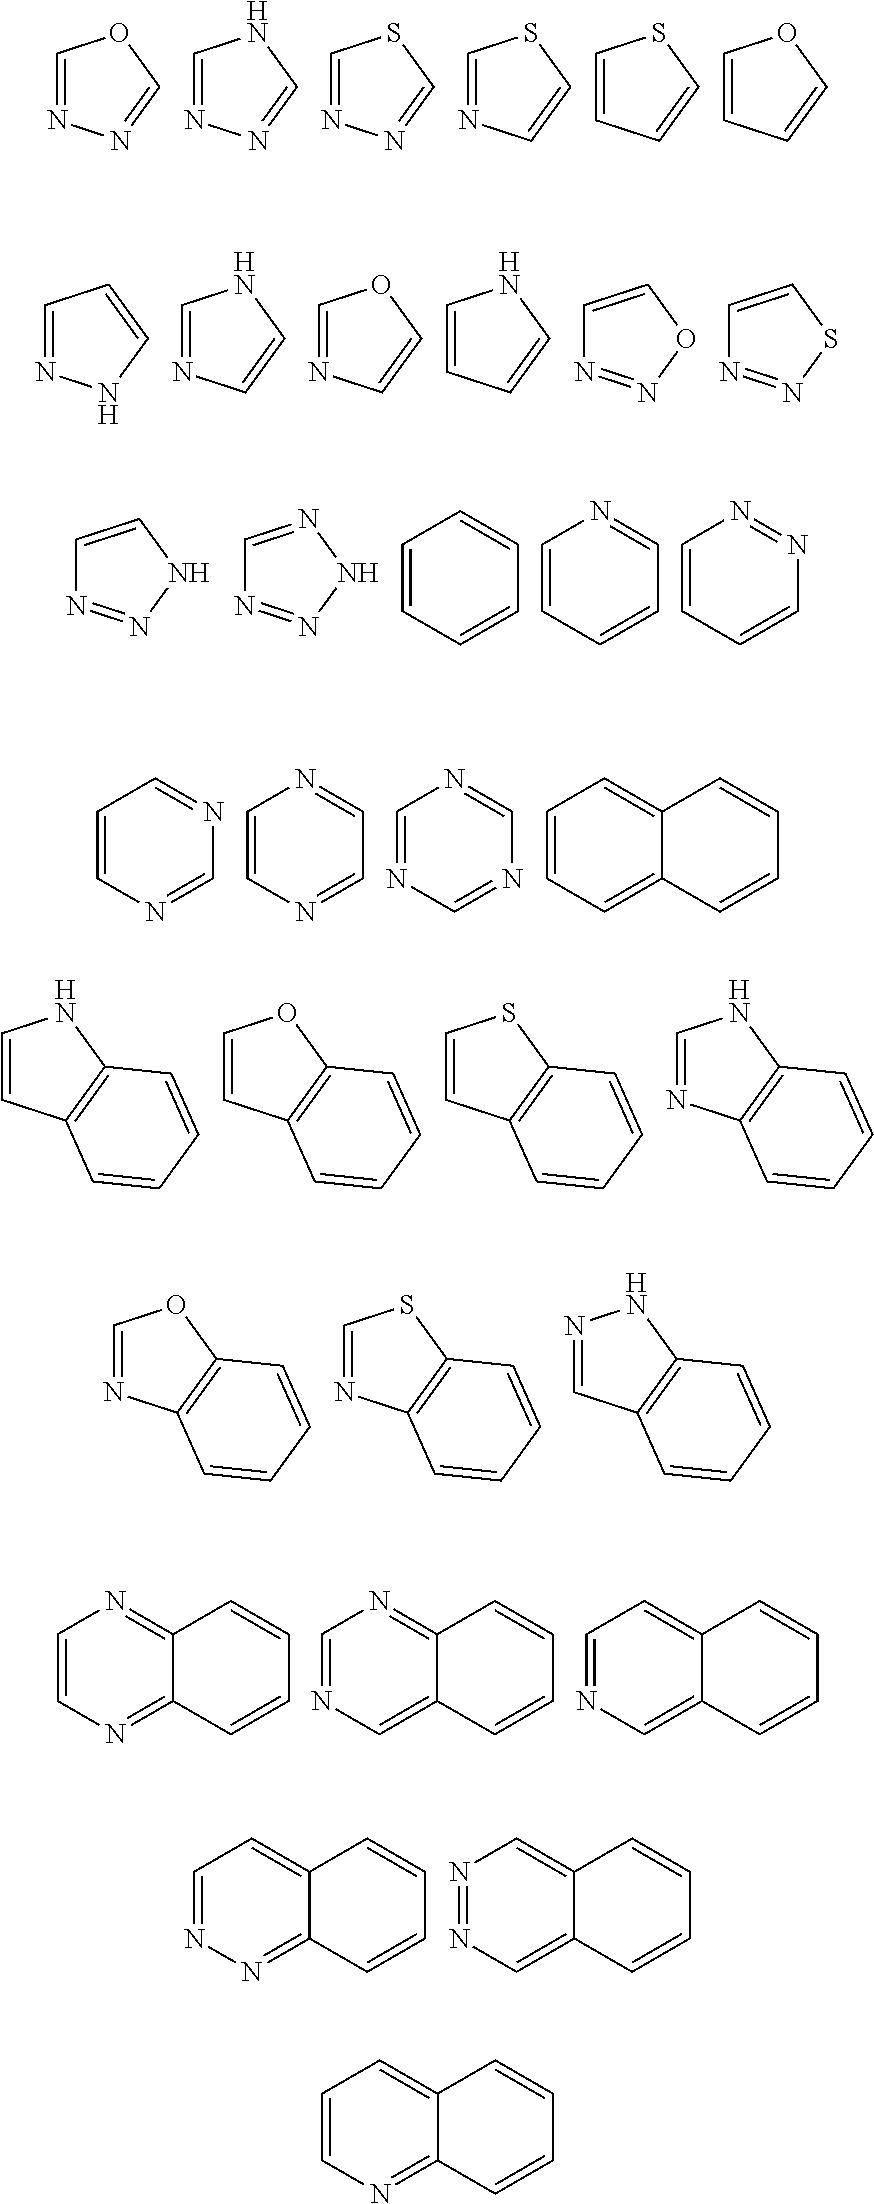 Figure US20180194792A1-20180712-C00008